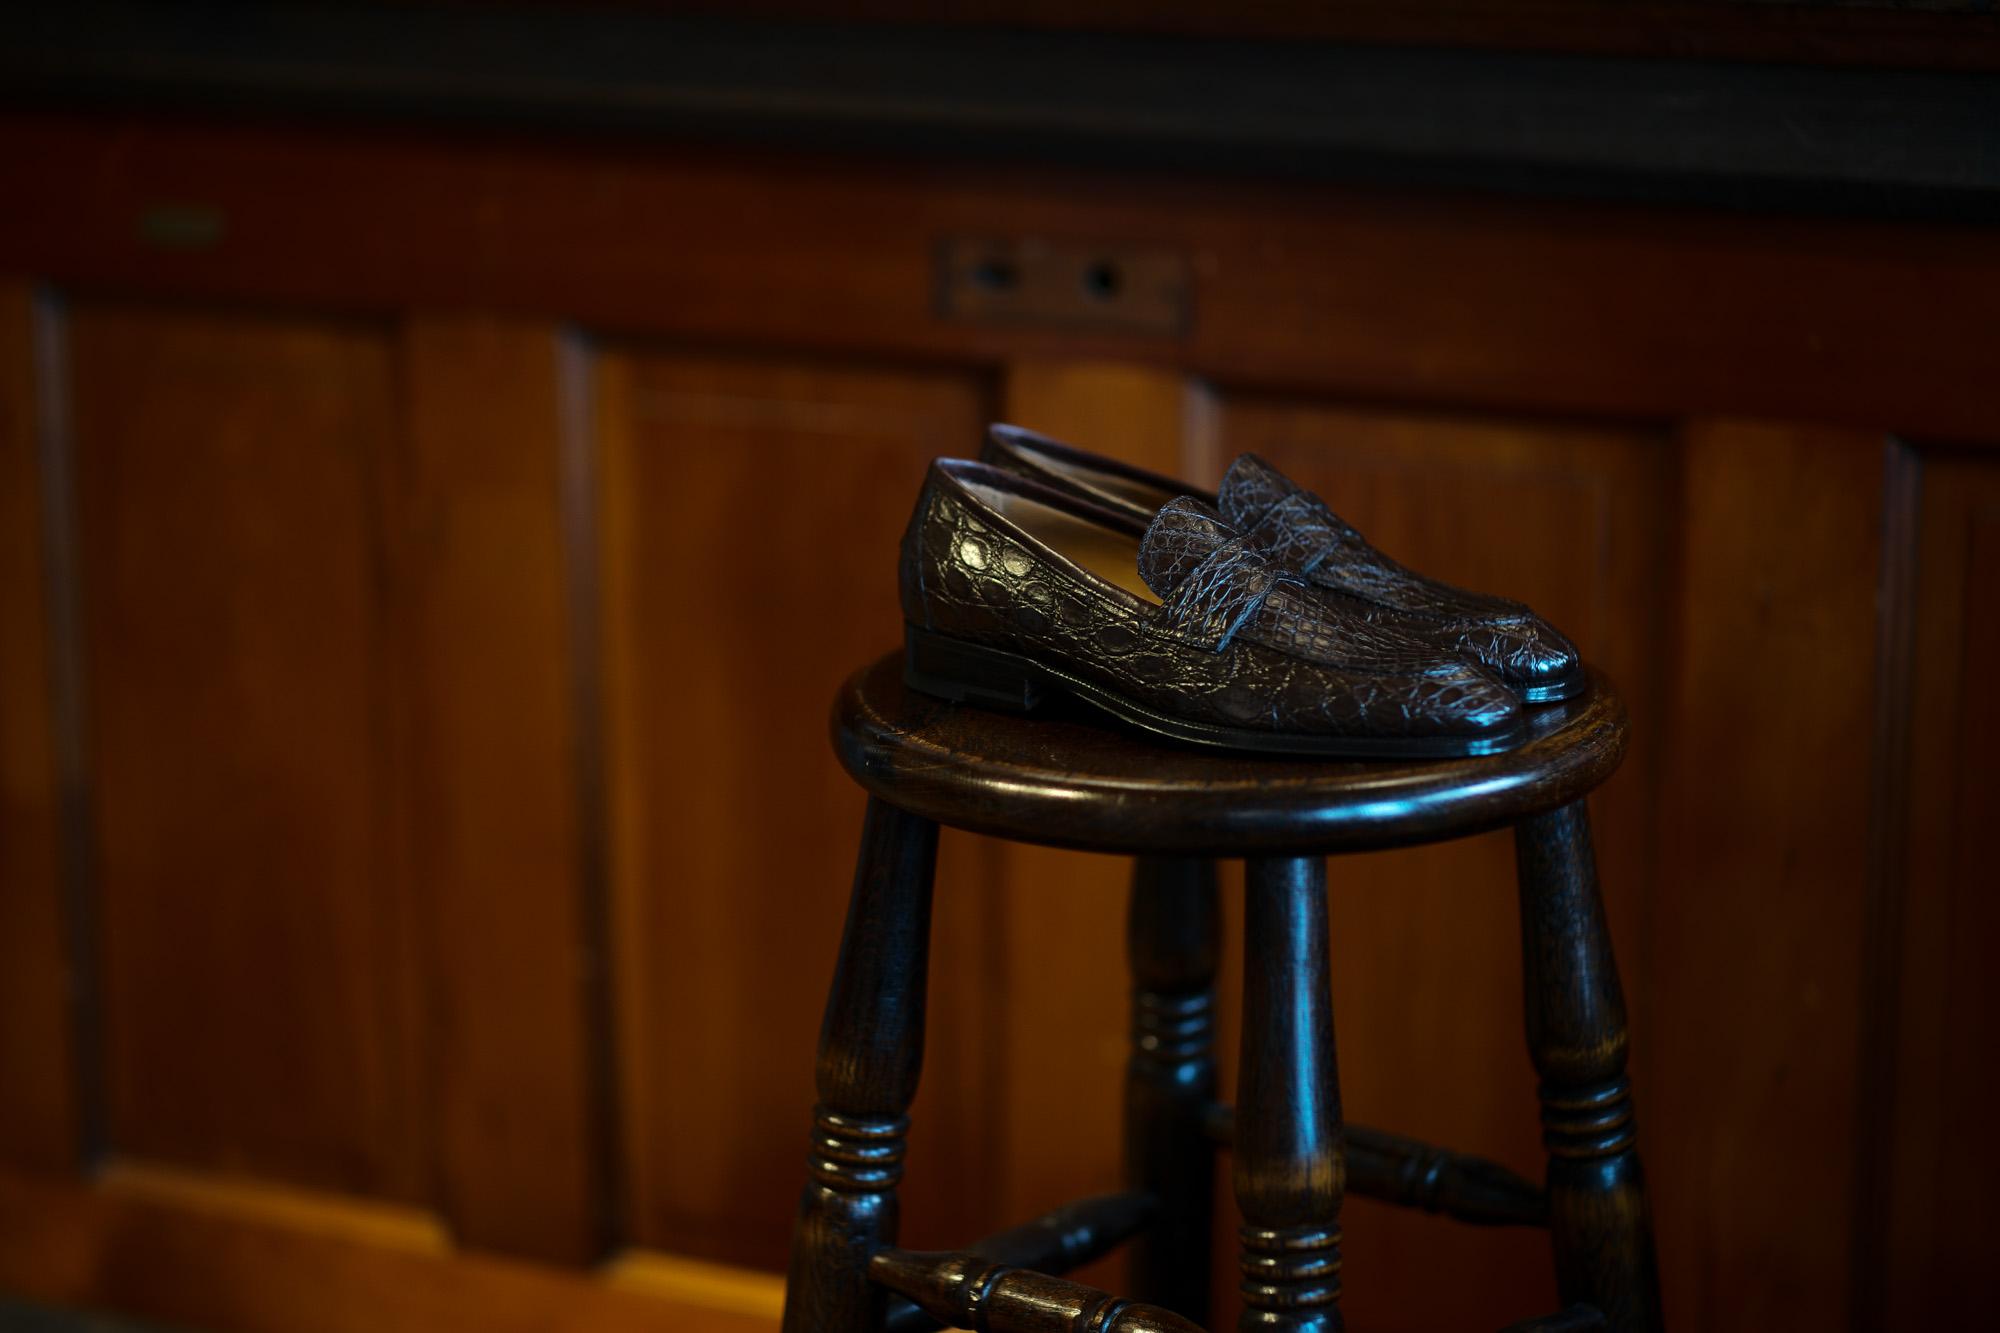 ENZO BONAFE (エンツォボナフェ) ART. EB-08 Crocodile Coin Loafer (クロコダイル コイン ローファー) Mat Crocodile Leather マット クロコダイル レザー ドレスシューズ ローファー COCCO DARK BROWN (ブラウン) made in italy (イタリア製) 2020 春夏新作 愛知 名古屋 enzobonafe エンツォボナフェ eb08